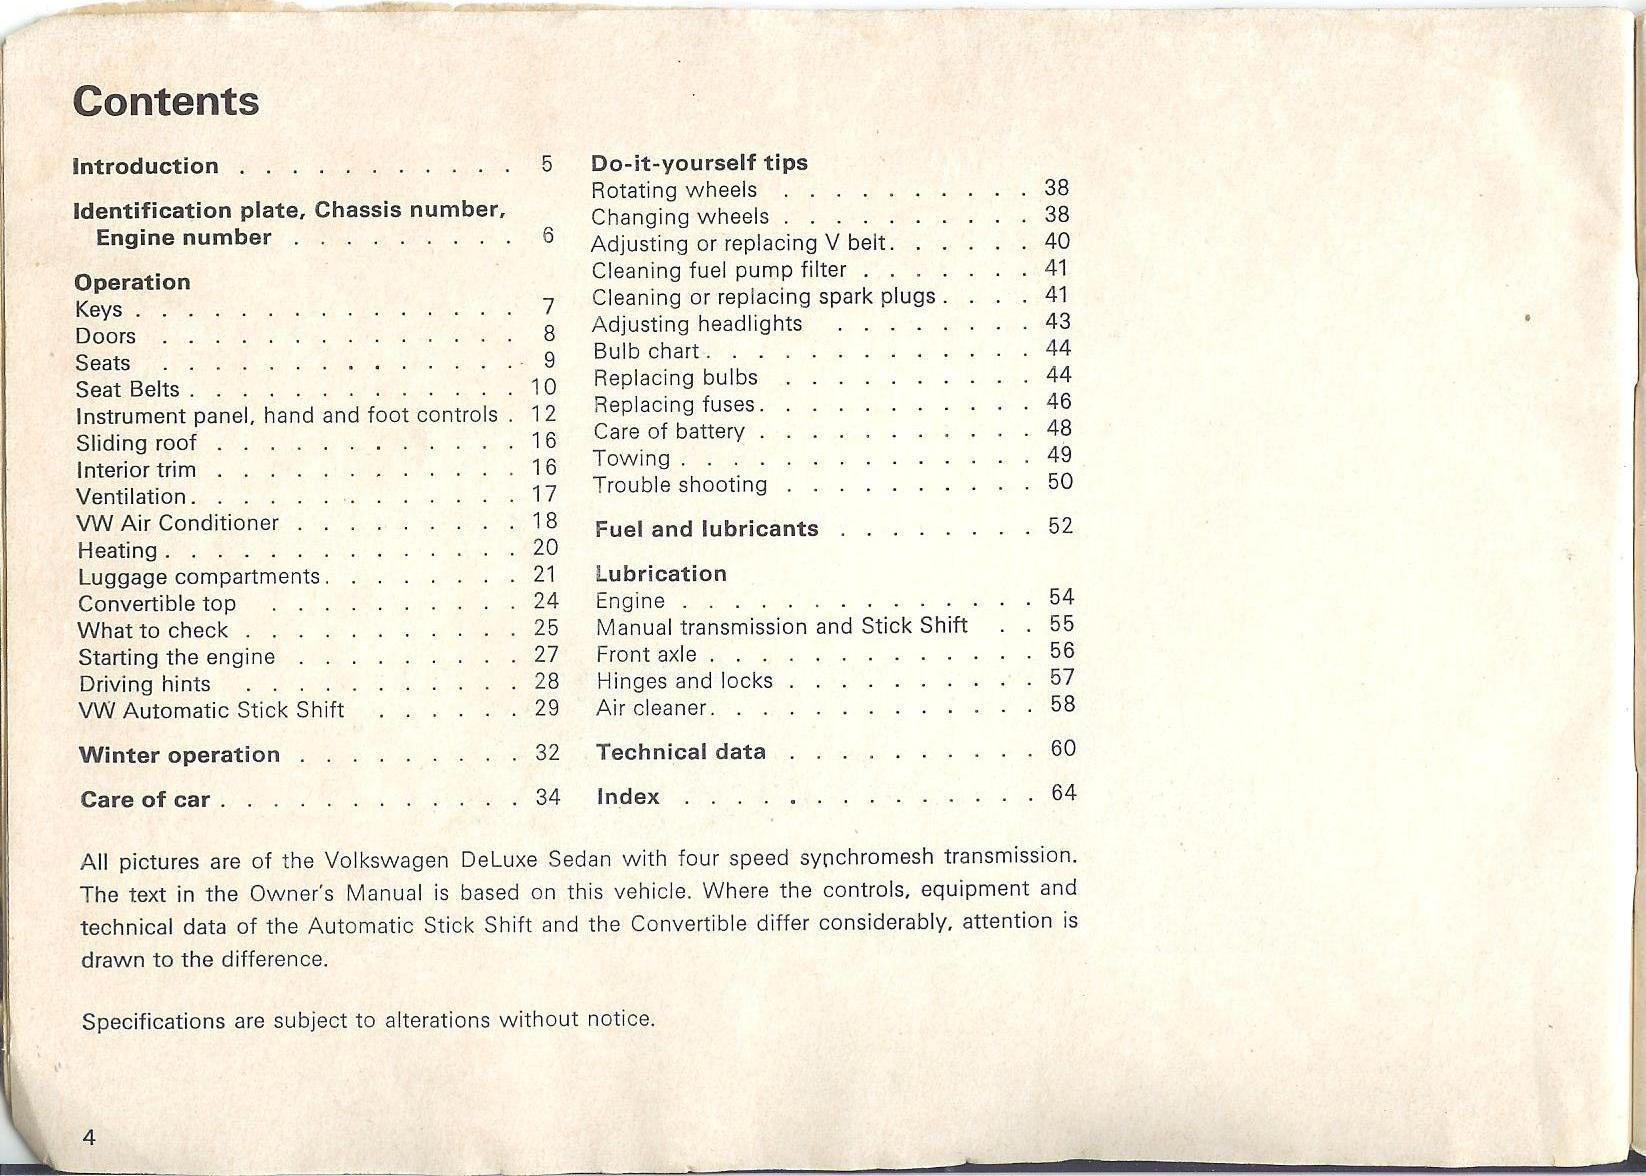 thesamba com 1970 vw beetle owner s manual rh thesamba com Operators Manual Cartoon Manual